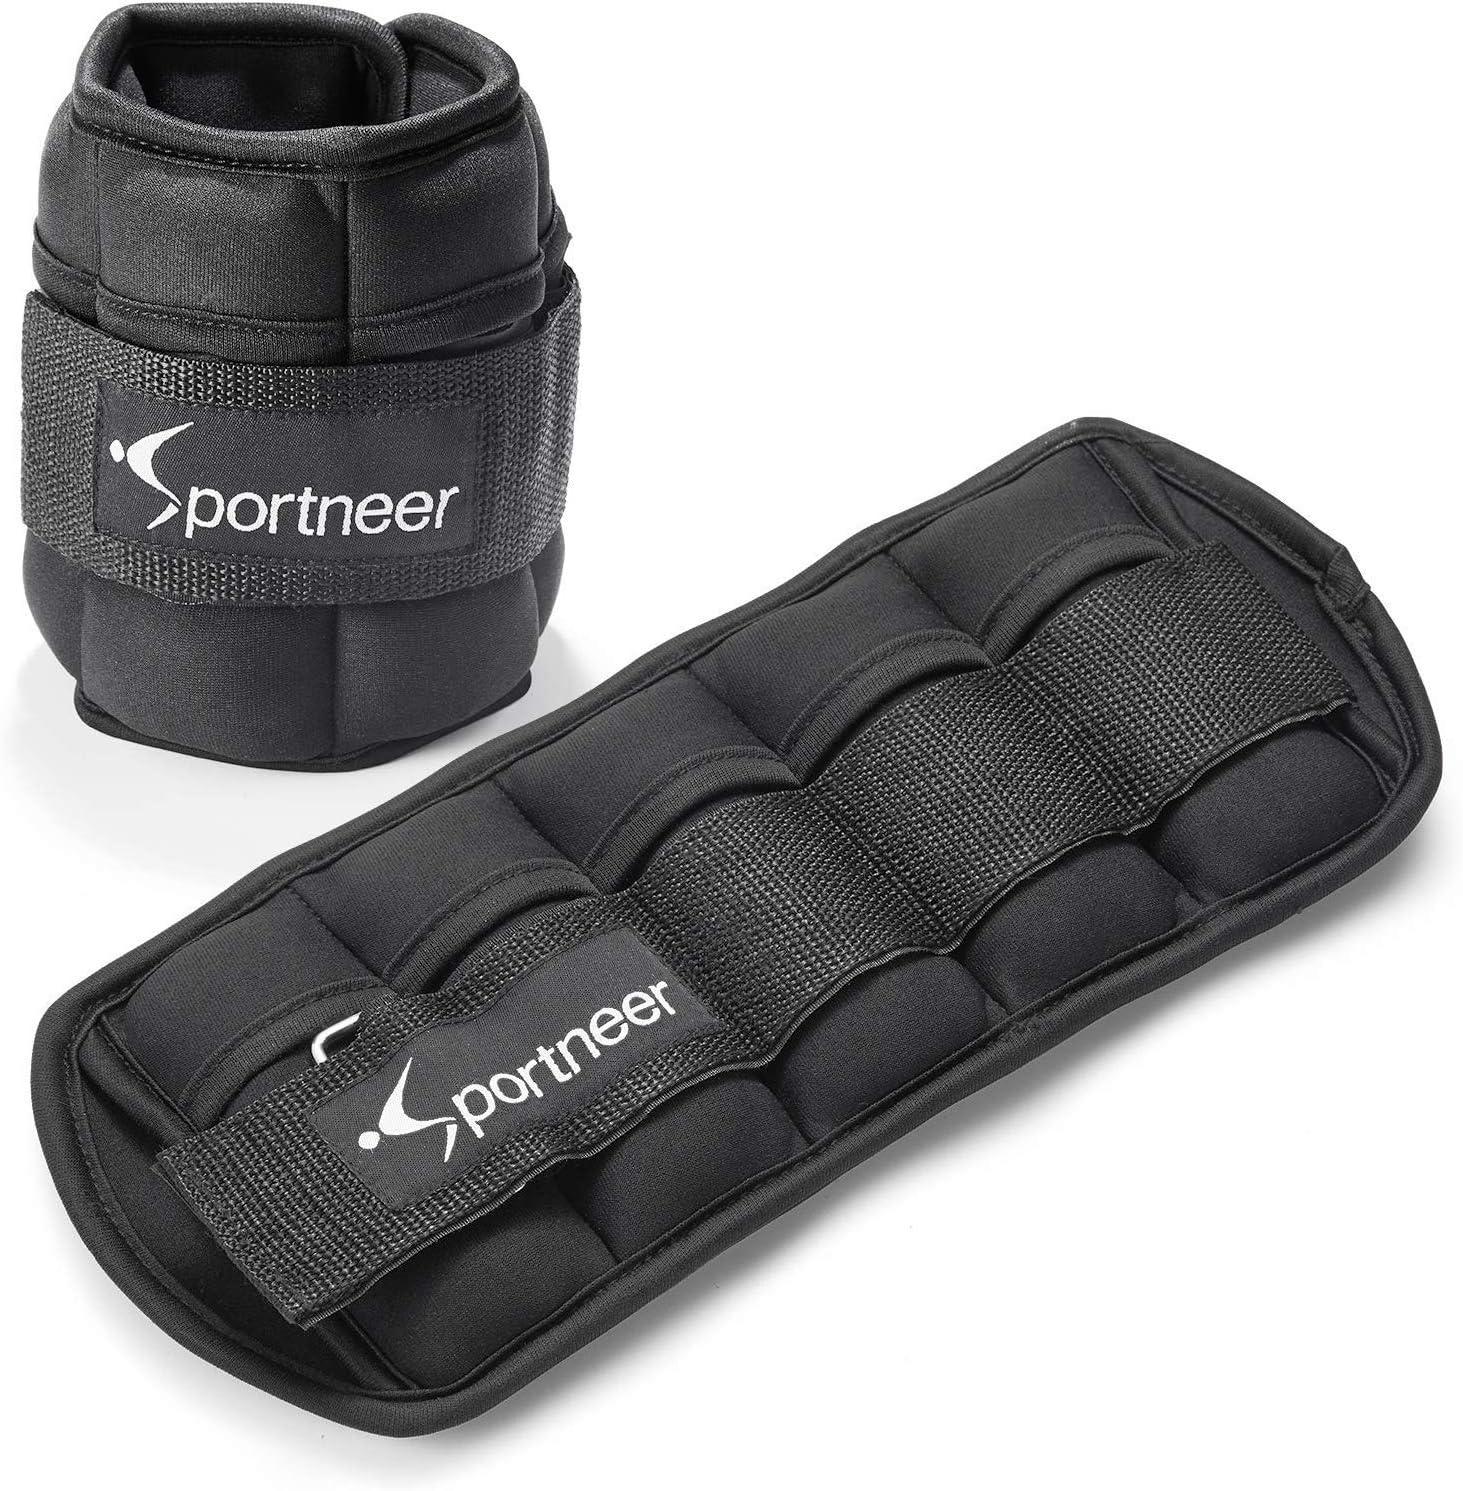 Sportneer - Juego de 2 Pesas para Tobillo y muñeca (0.97 g hasta 4.6 kg), Color Negro